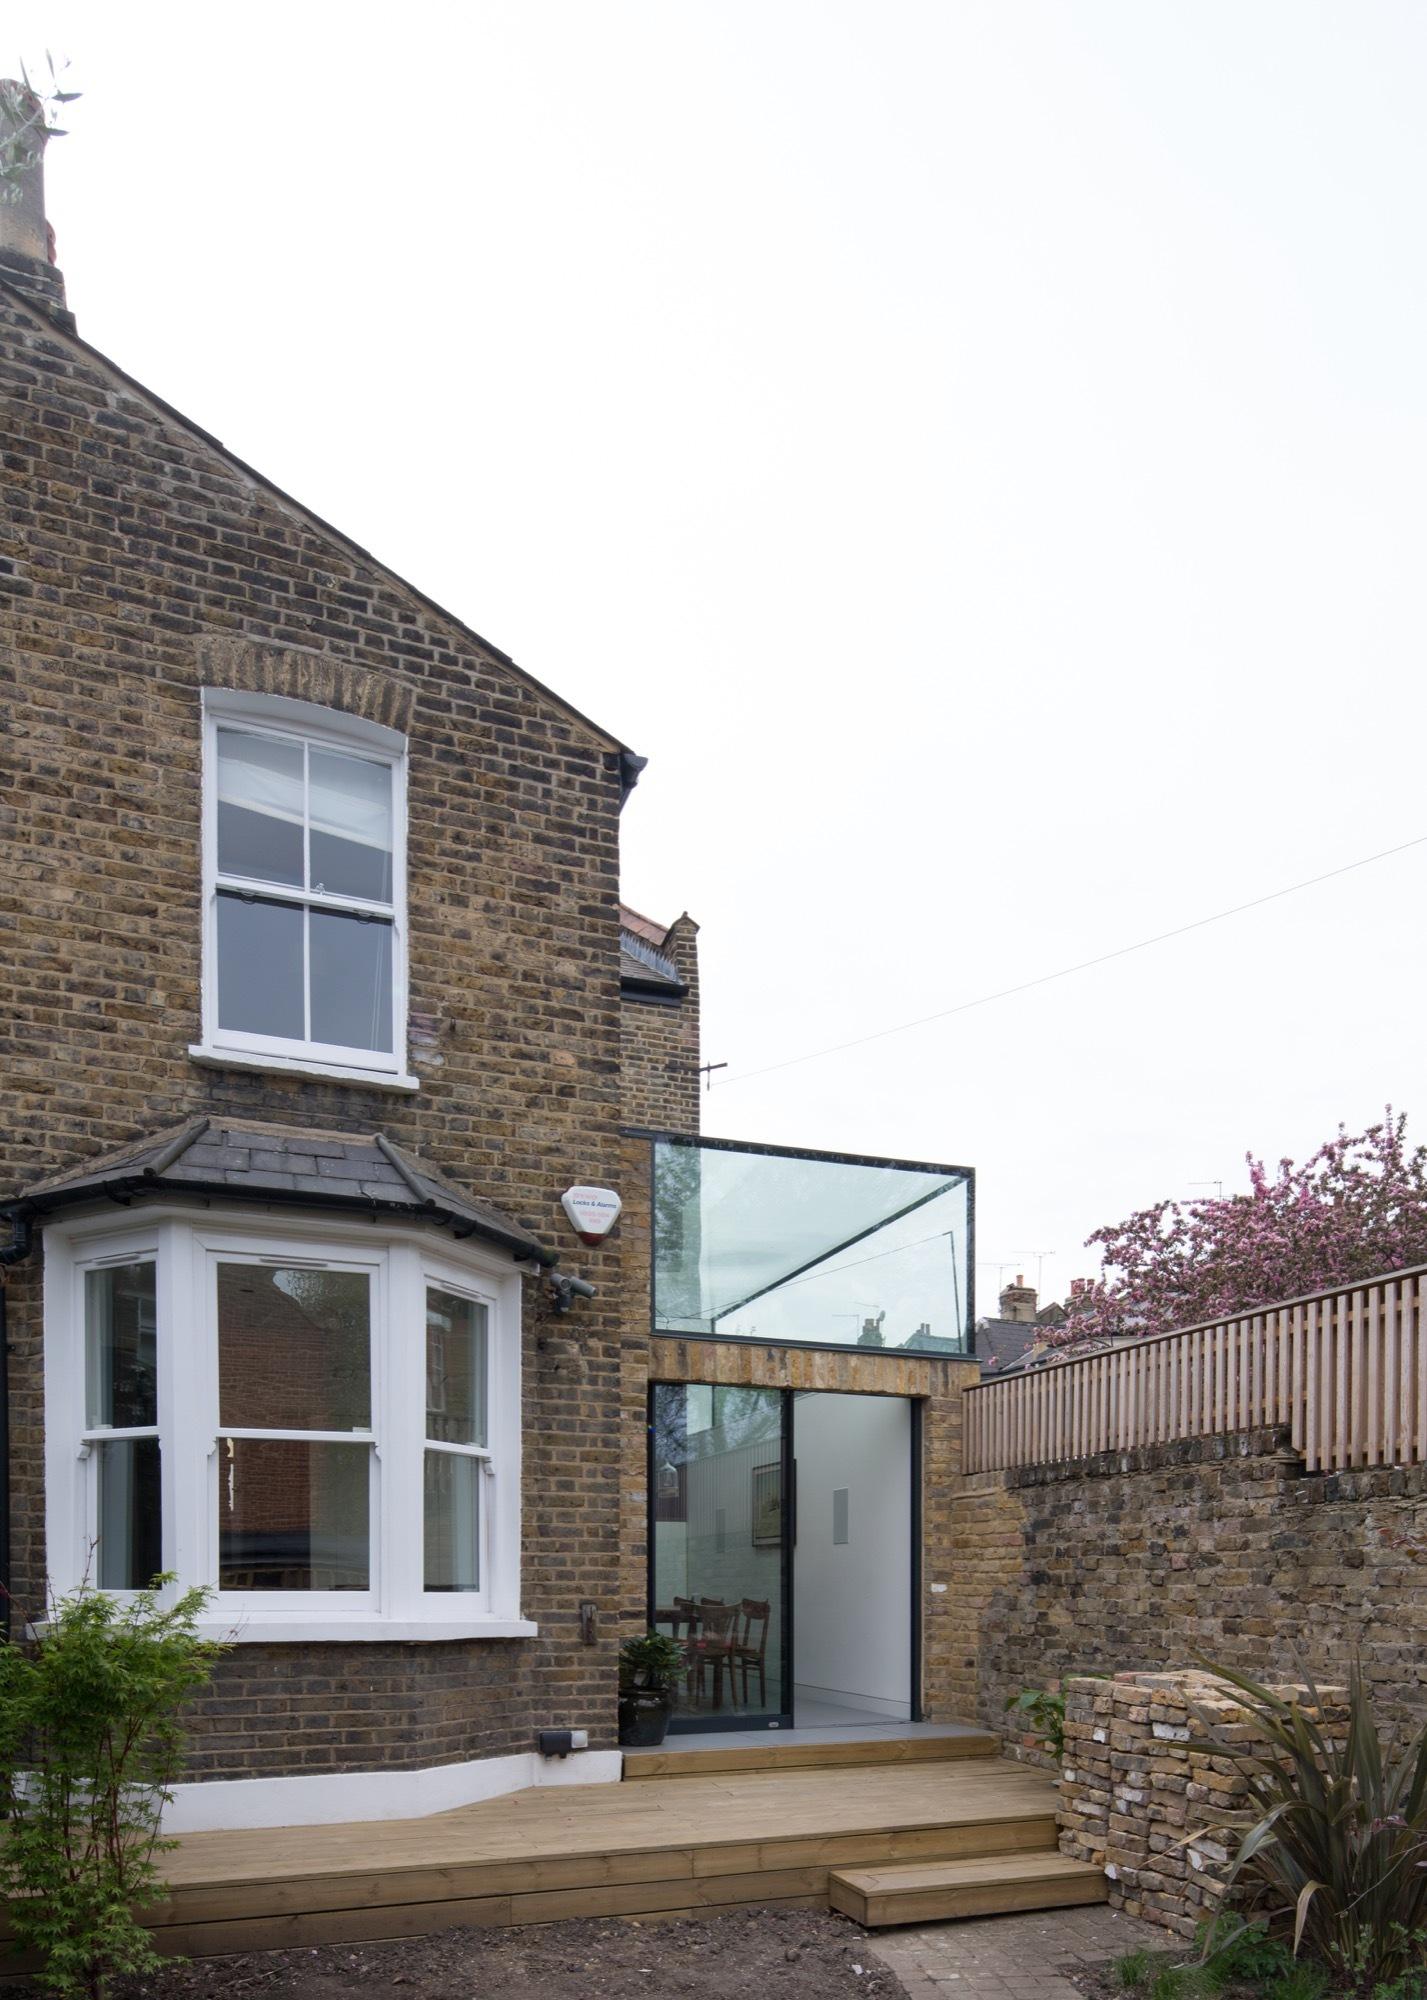 Gallery of glass box project studio 304 architecture 11 for Studio 11 architecture